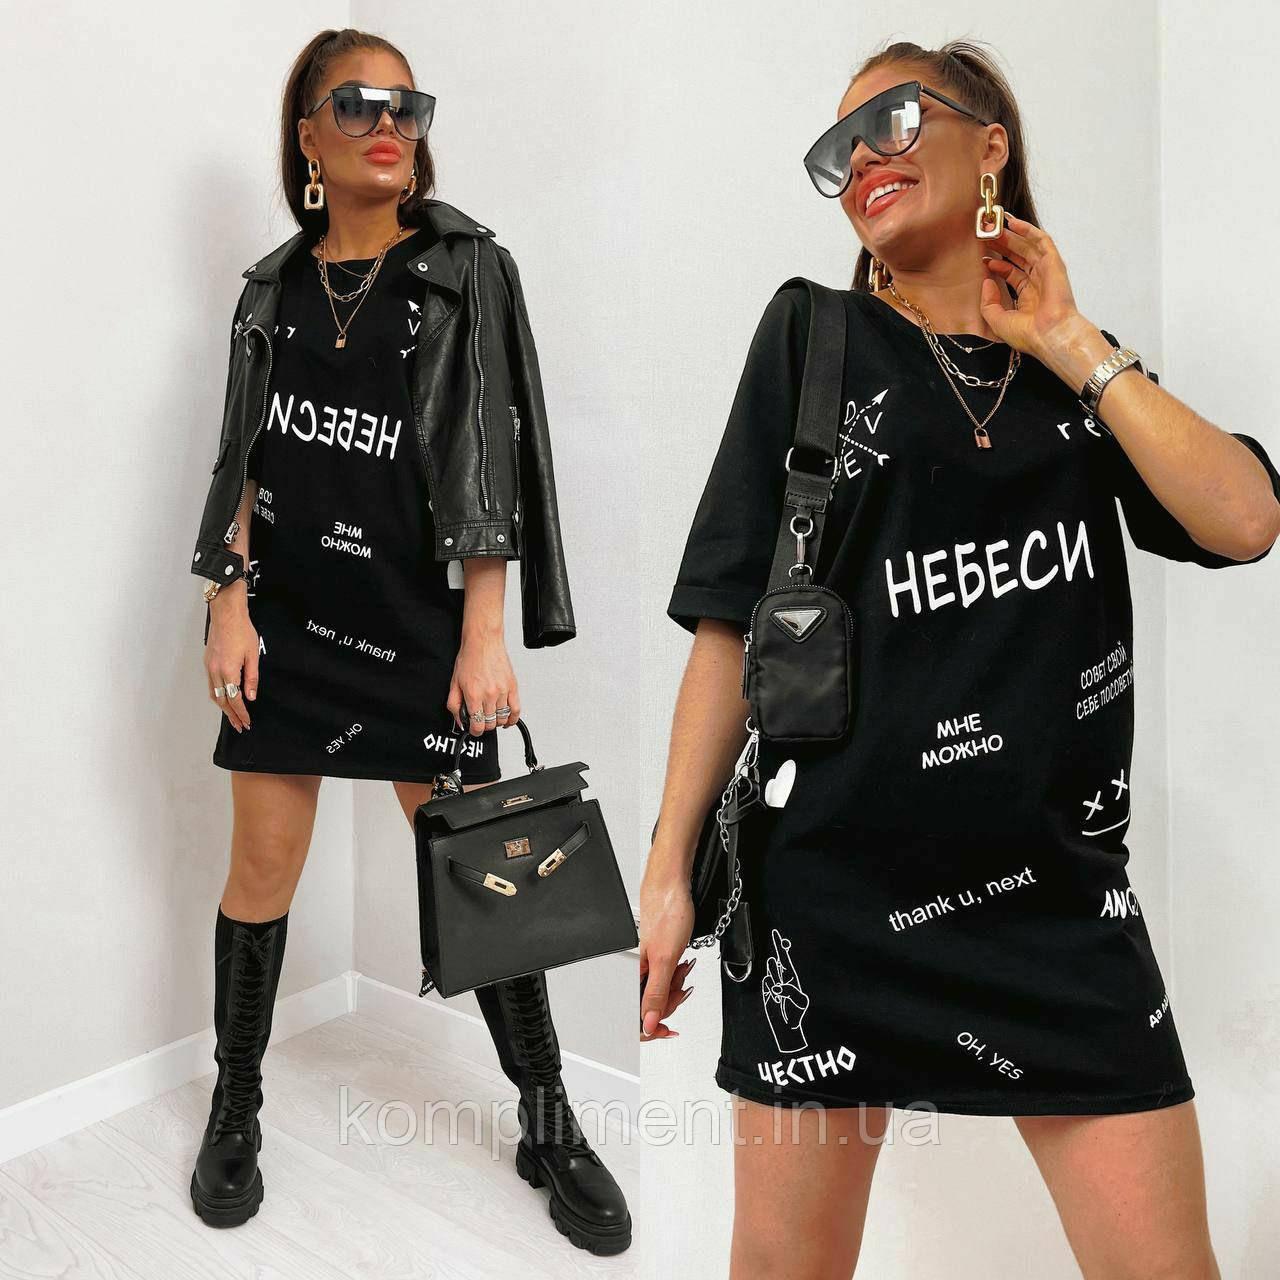 Шикарне модне літнє жіноче плаття з креативним принтом, MI 1016